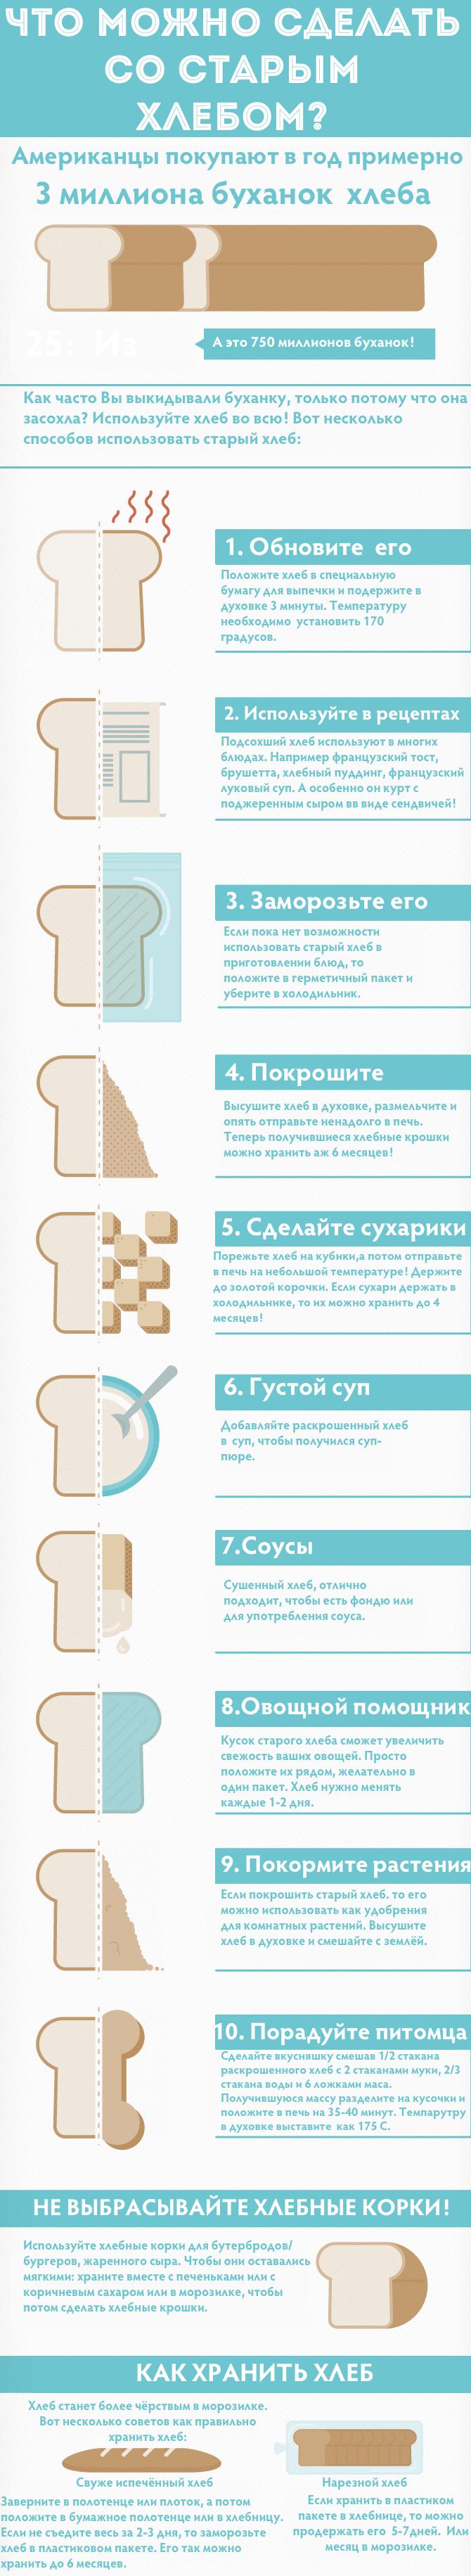 Инфографика: что можно сделать со старым хлебом